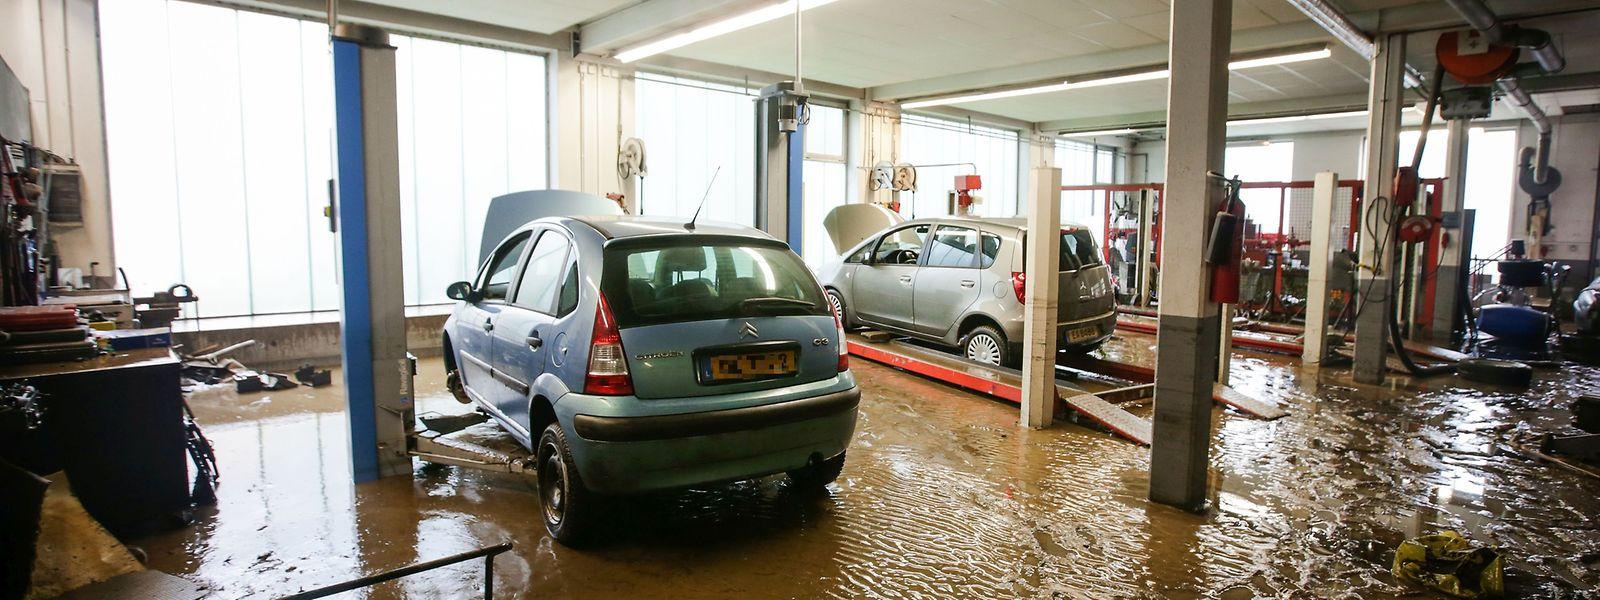 Die Überschwemmungen, die Luxemburg dieses Jahr getroffen haben, sind schon das dritte katastrophale Flutereignis innerhalb von zwei Jahren.